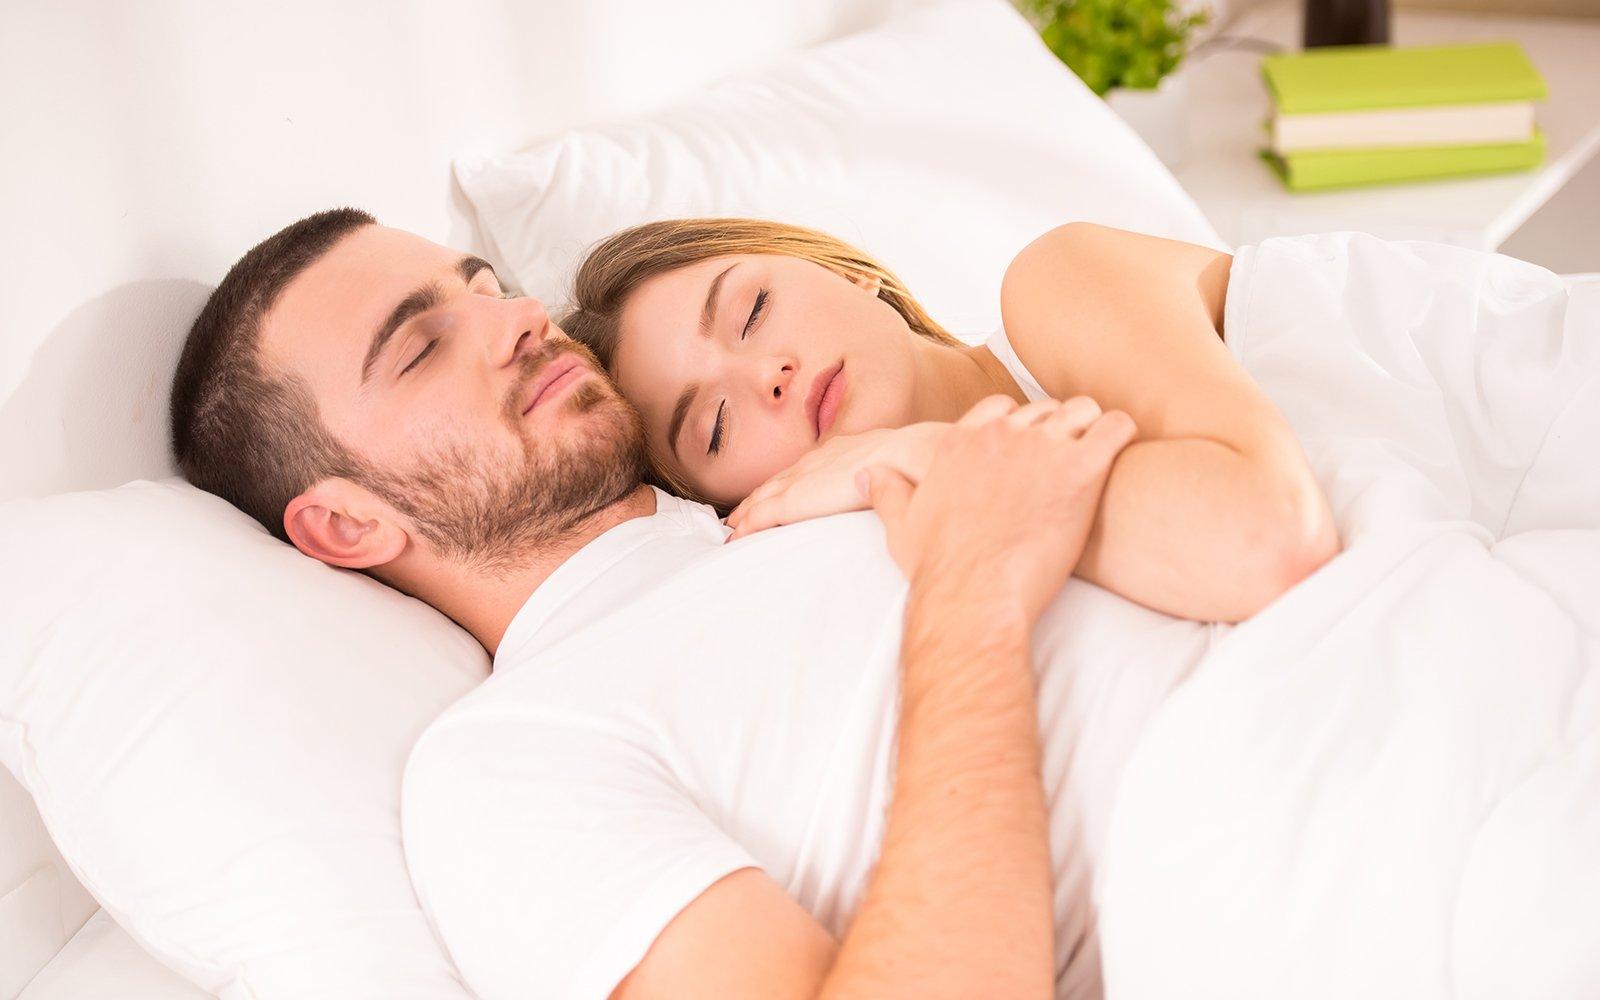 una coppia che dorme